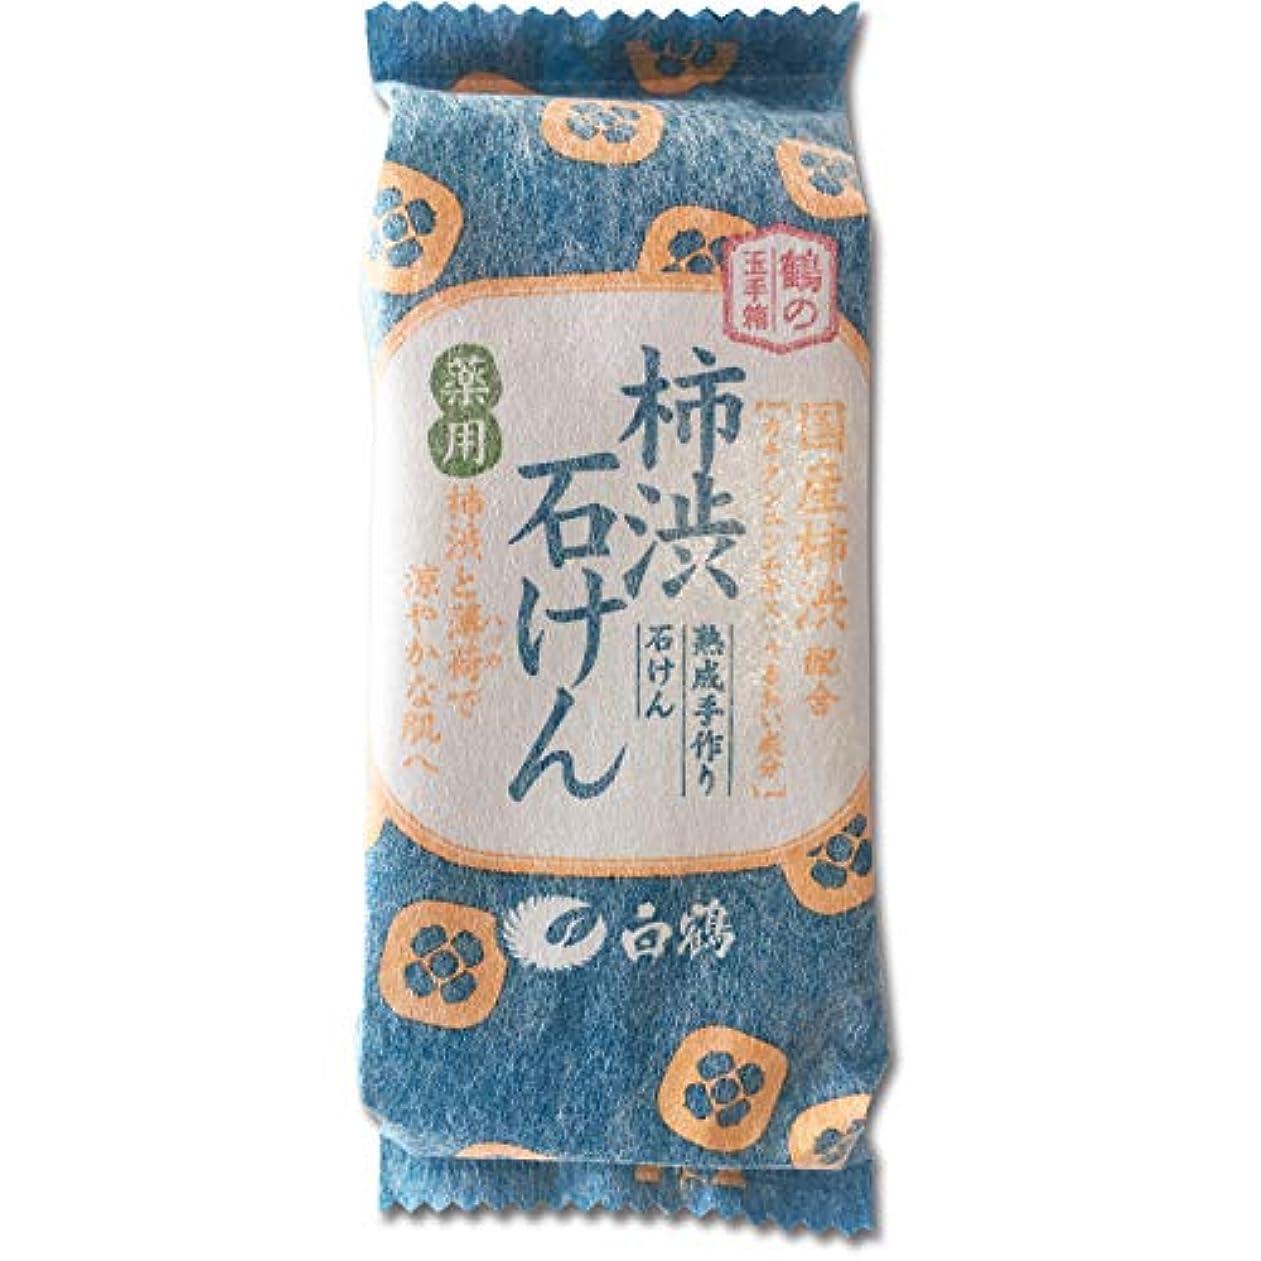 永久に女の子チキン白鶴 鶴の玉手箱 薬用 柿渋石けん 110g (全身用石鹸)